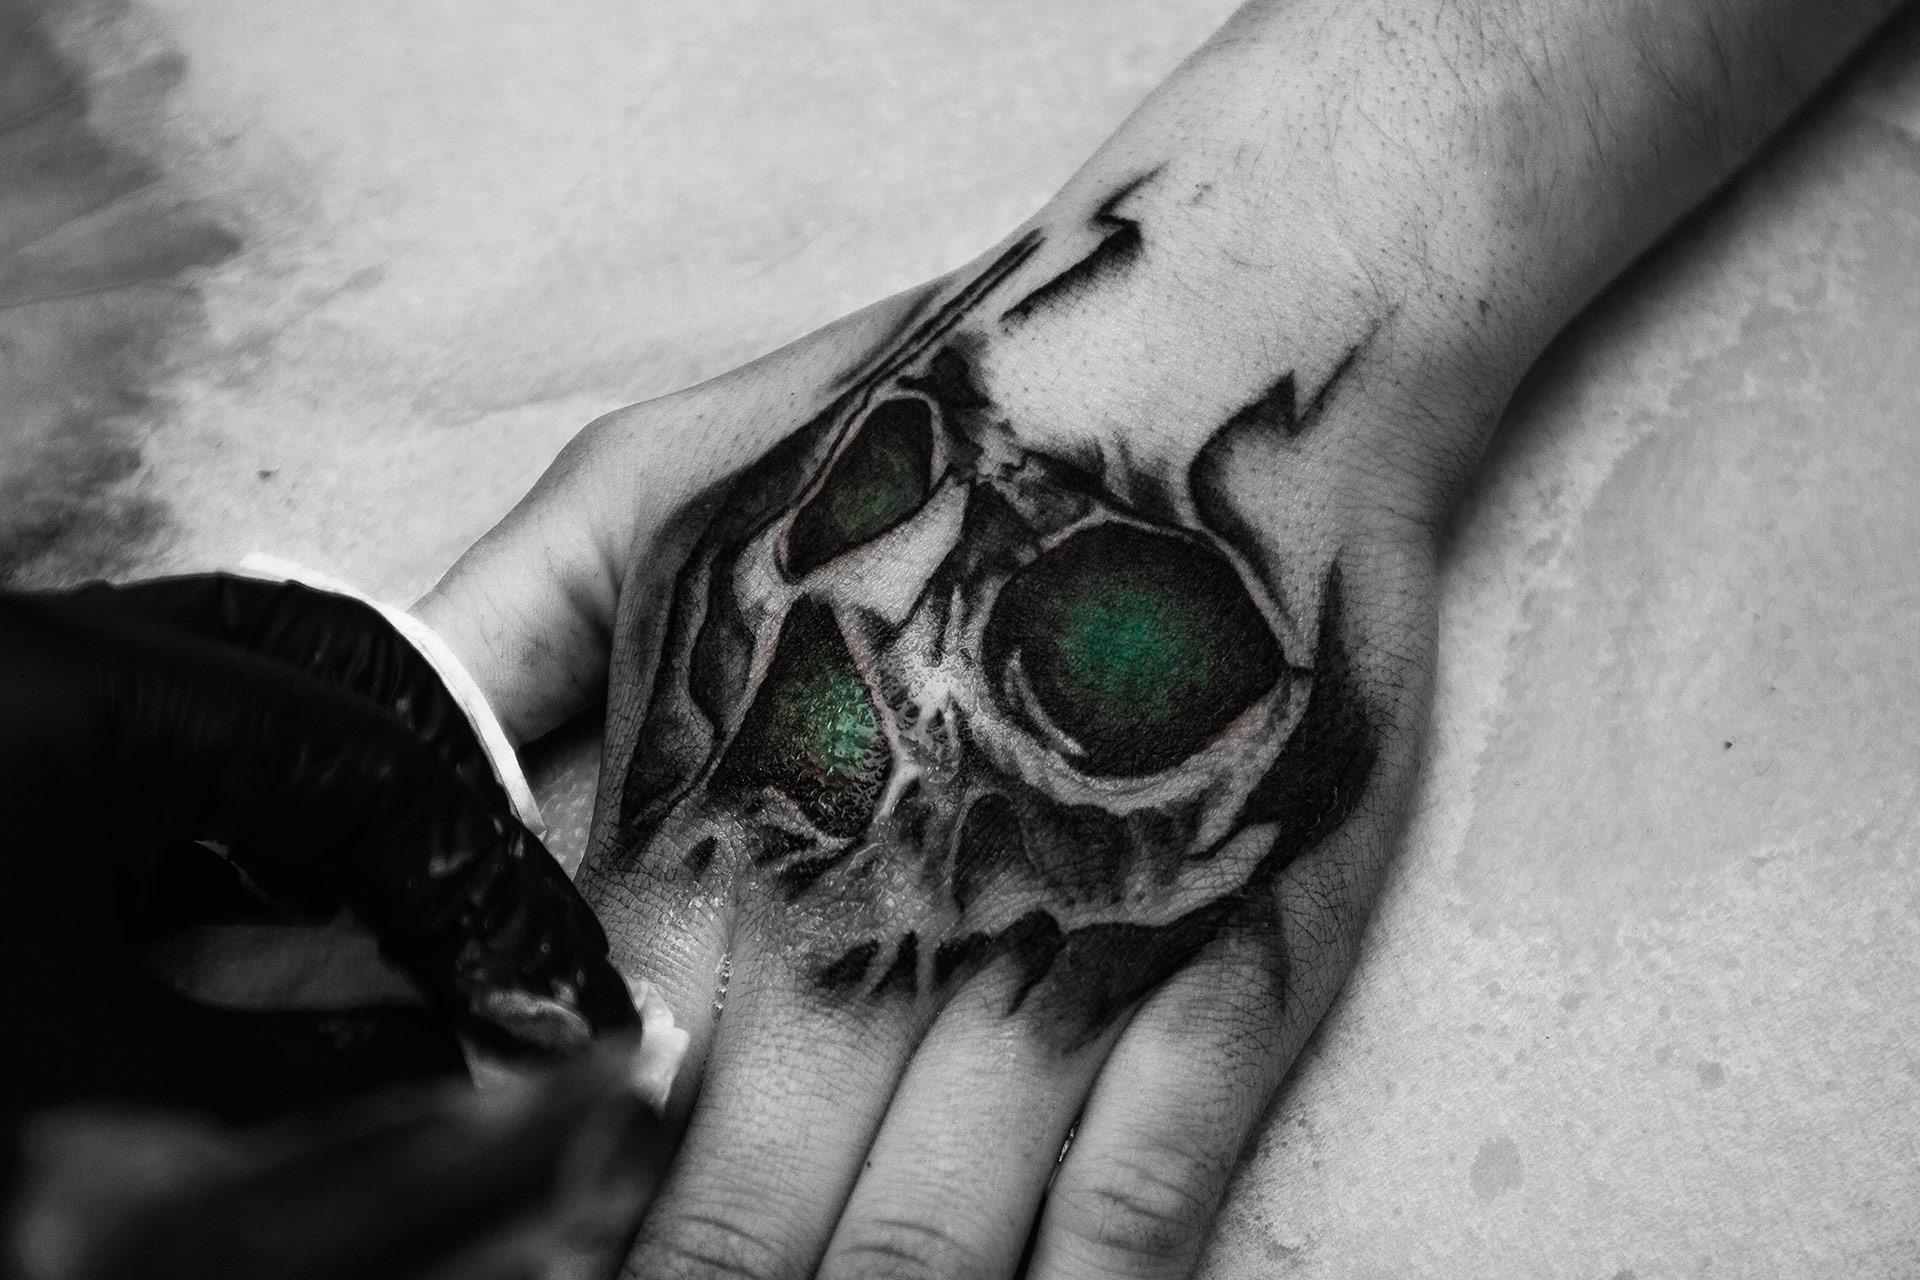 Mroczny tatuaż czaszki